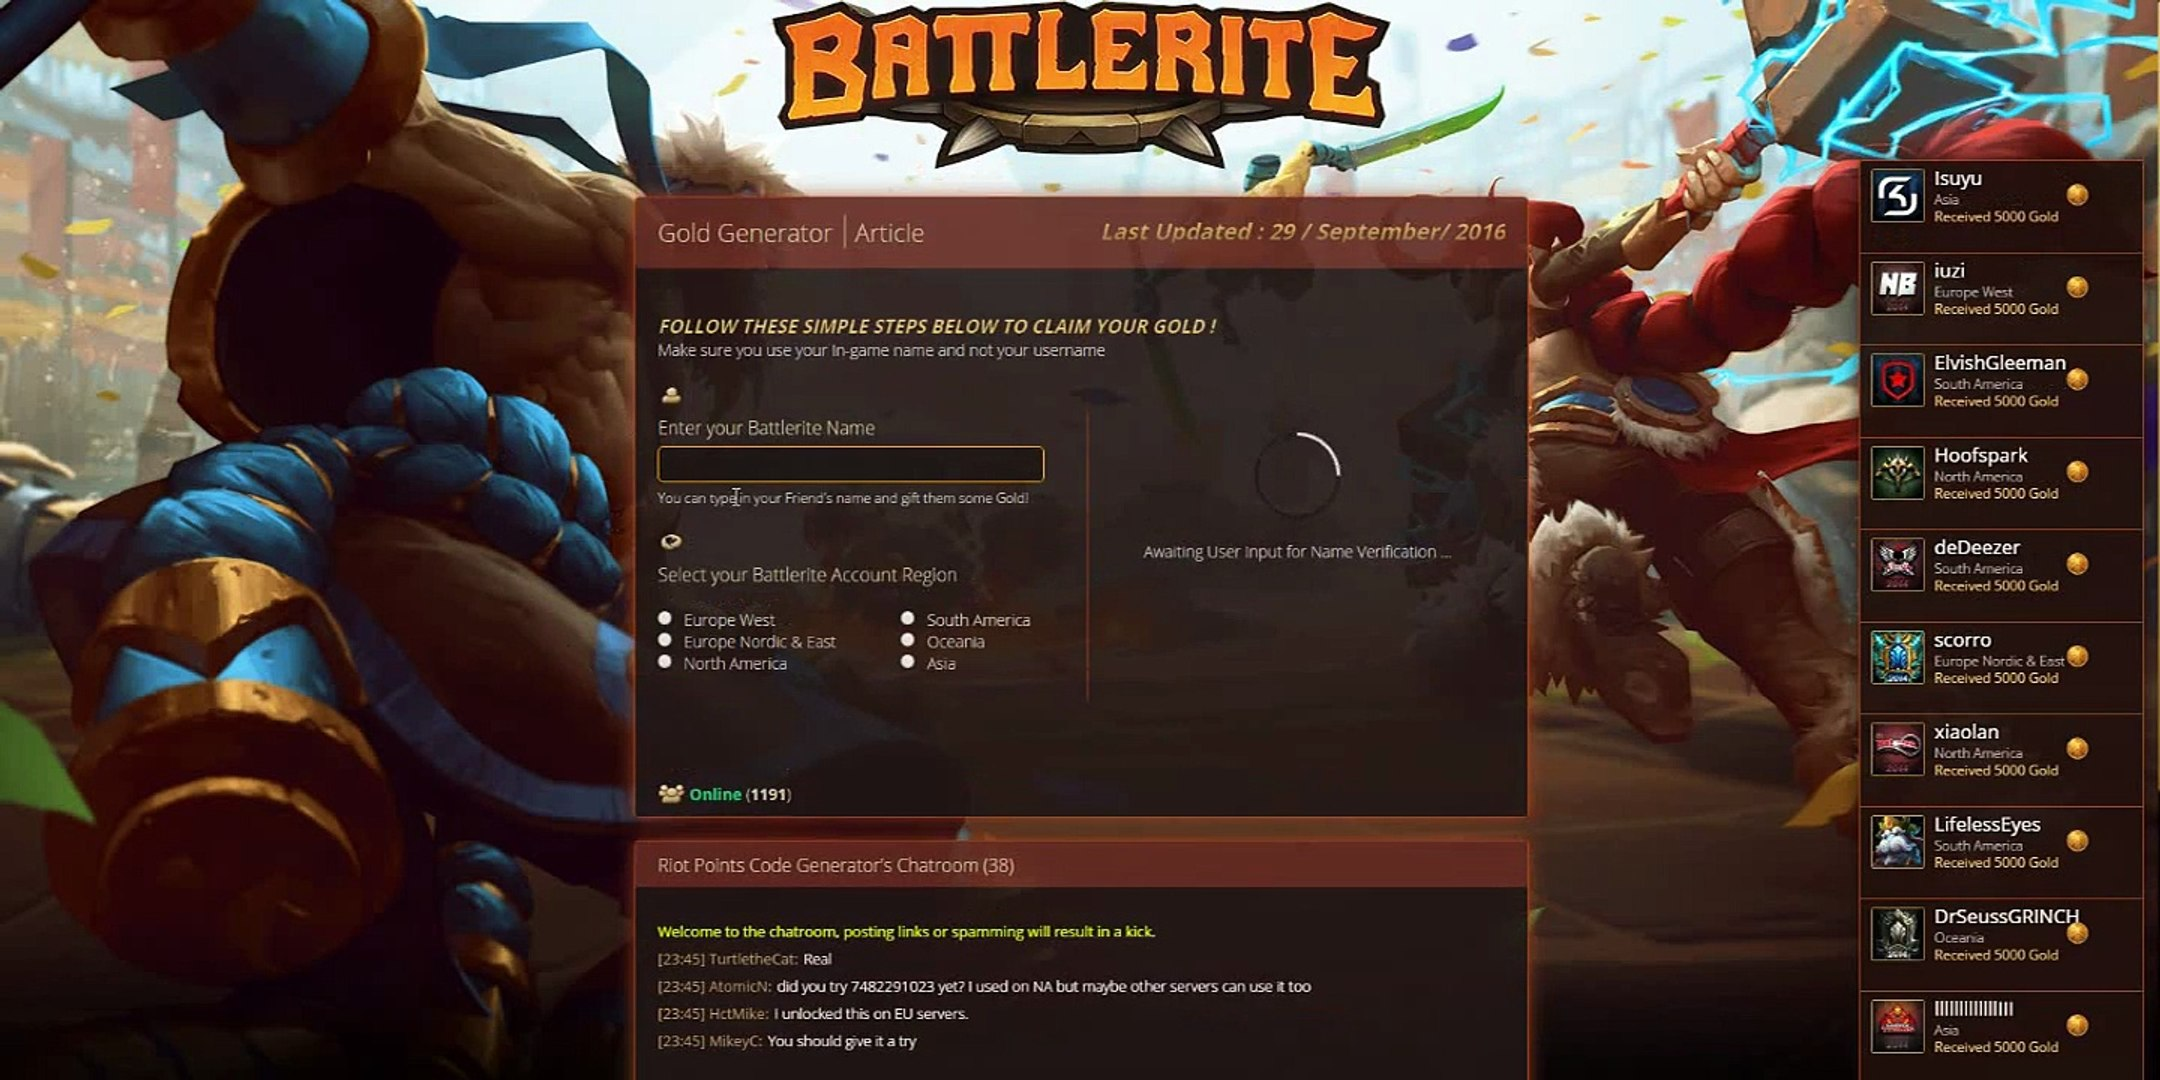 Battlerite Gold